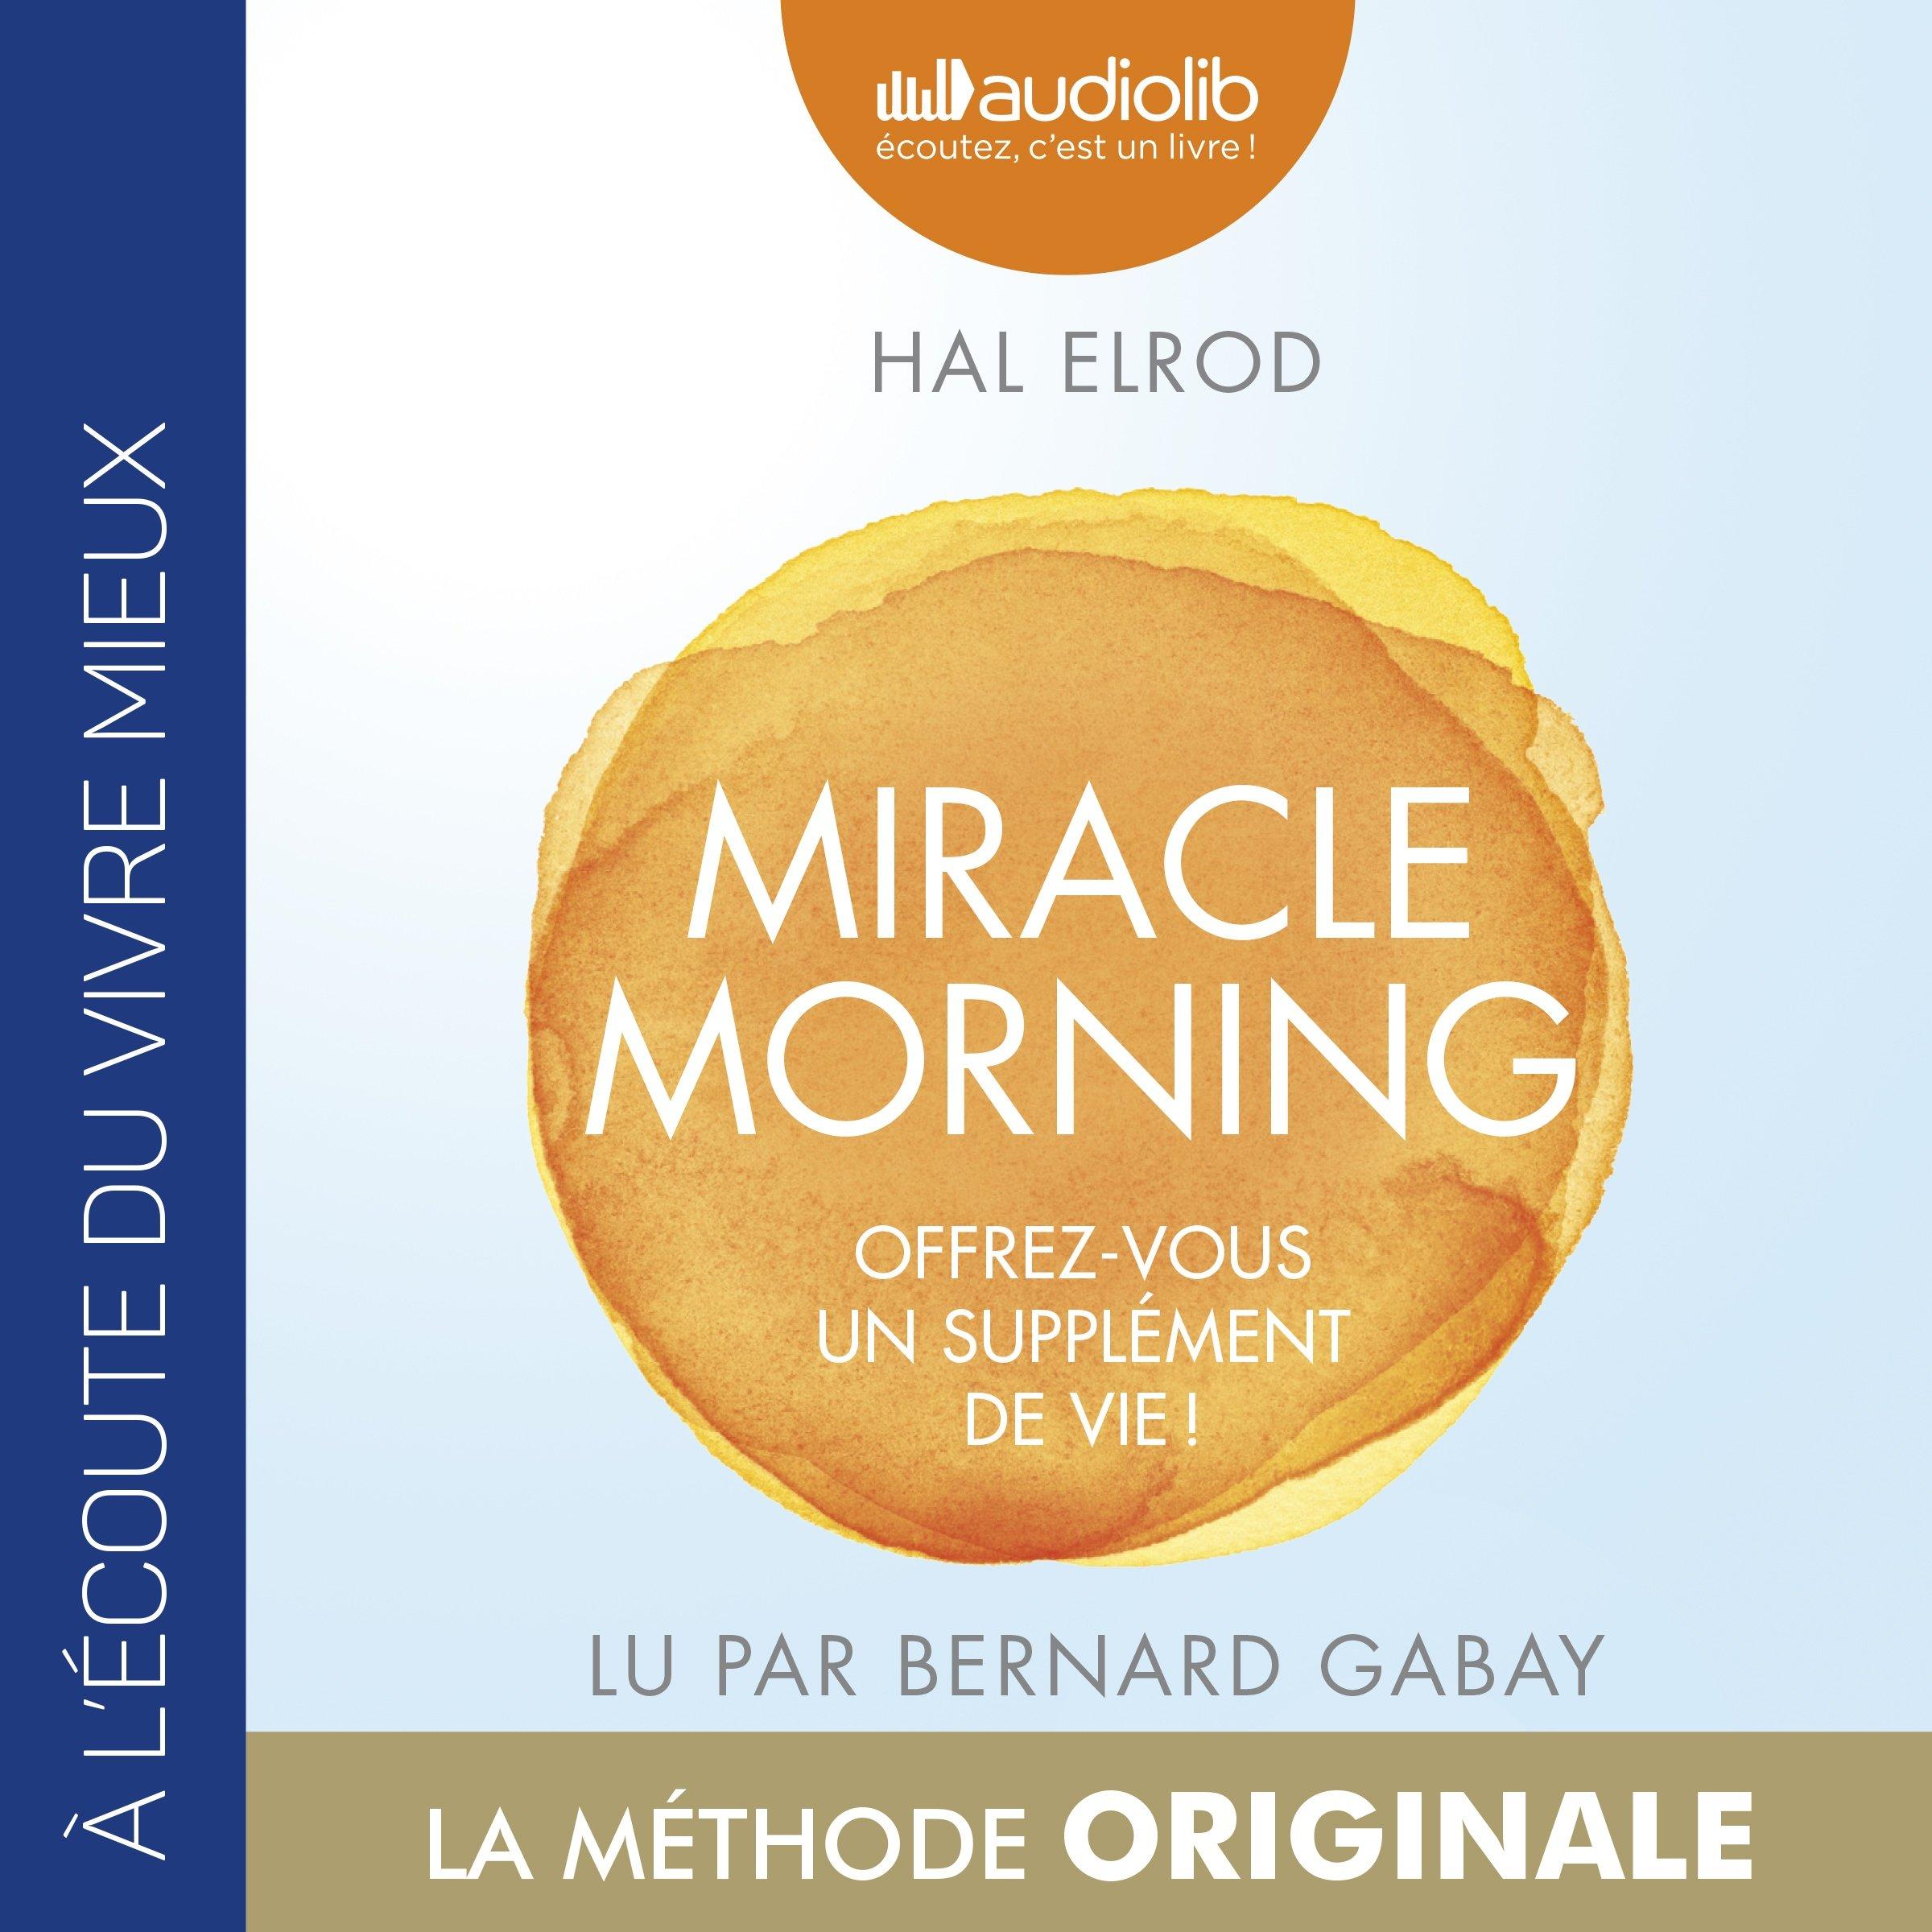 Miracle Morning: Offrez-vous un supplément de vie ! de Hal Elrod